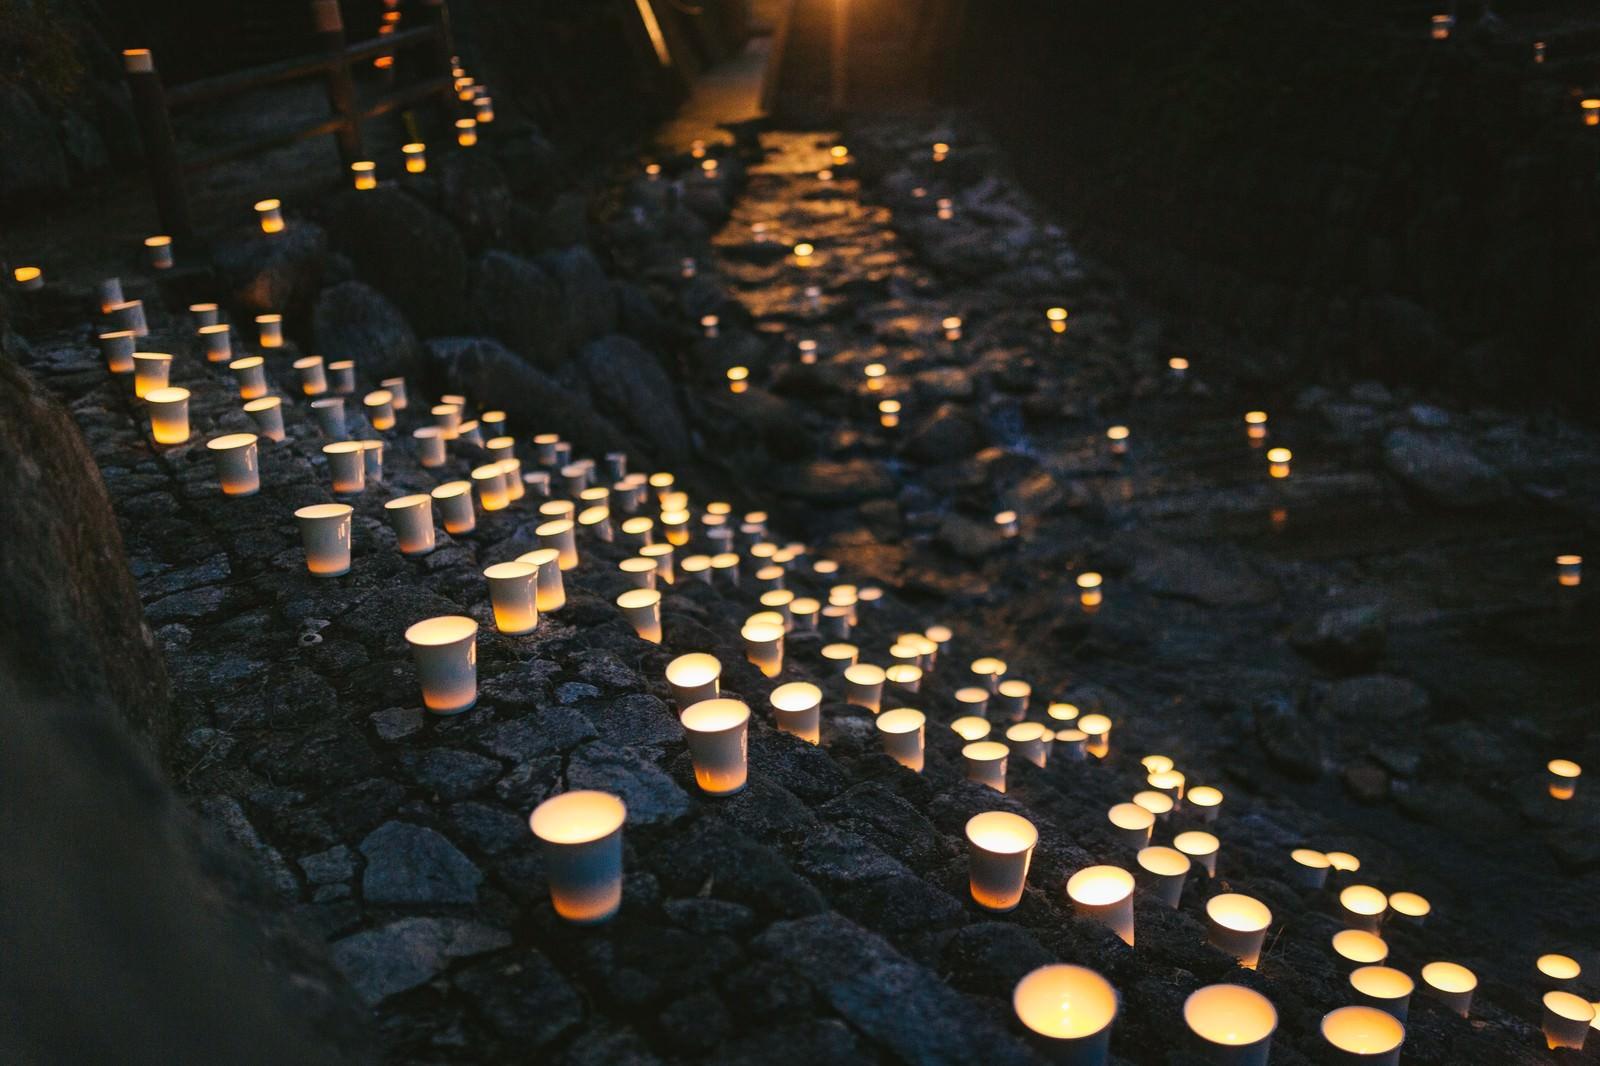 「幻想的に美しい、ボシ灯ろう祭りの川沿い幻想的に美しい、ボシ灯ろう祭りの川沿い」のフリー写真素材を拡大